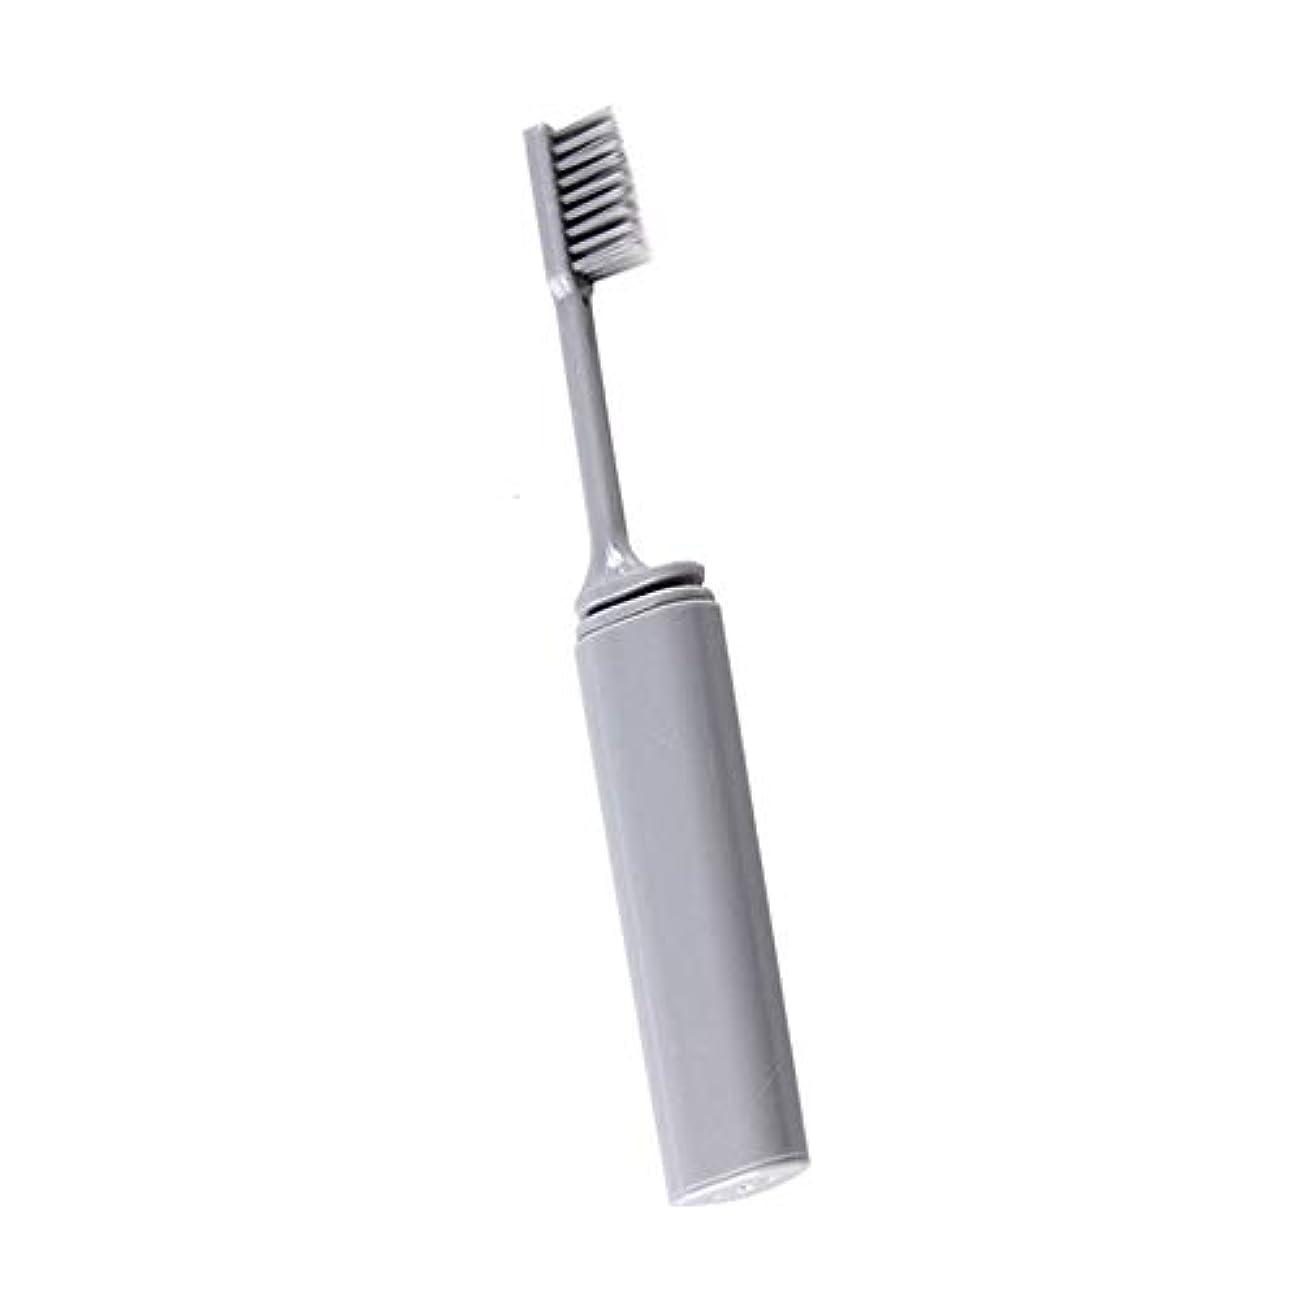 嘆願何よりも息を切らしてOnior 旅行歯ブラシ 折りたたみ歯ブラシ 携帯歯ブラシ 外出 旅行用品, ソフト コンパクト歯ブラシ 便利 折りたたみ 耐久性 携帯用 灰色